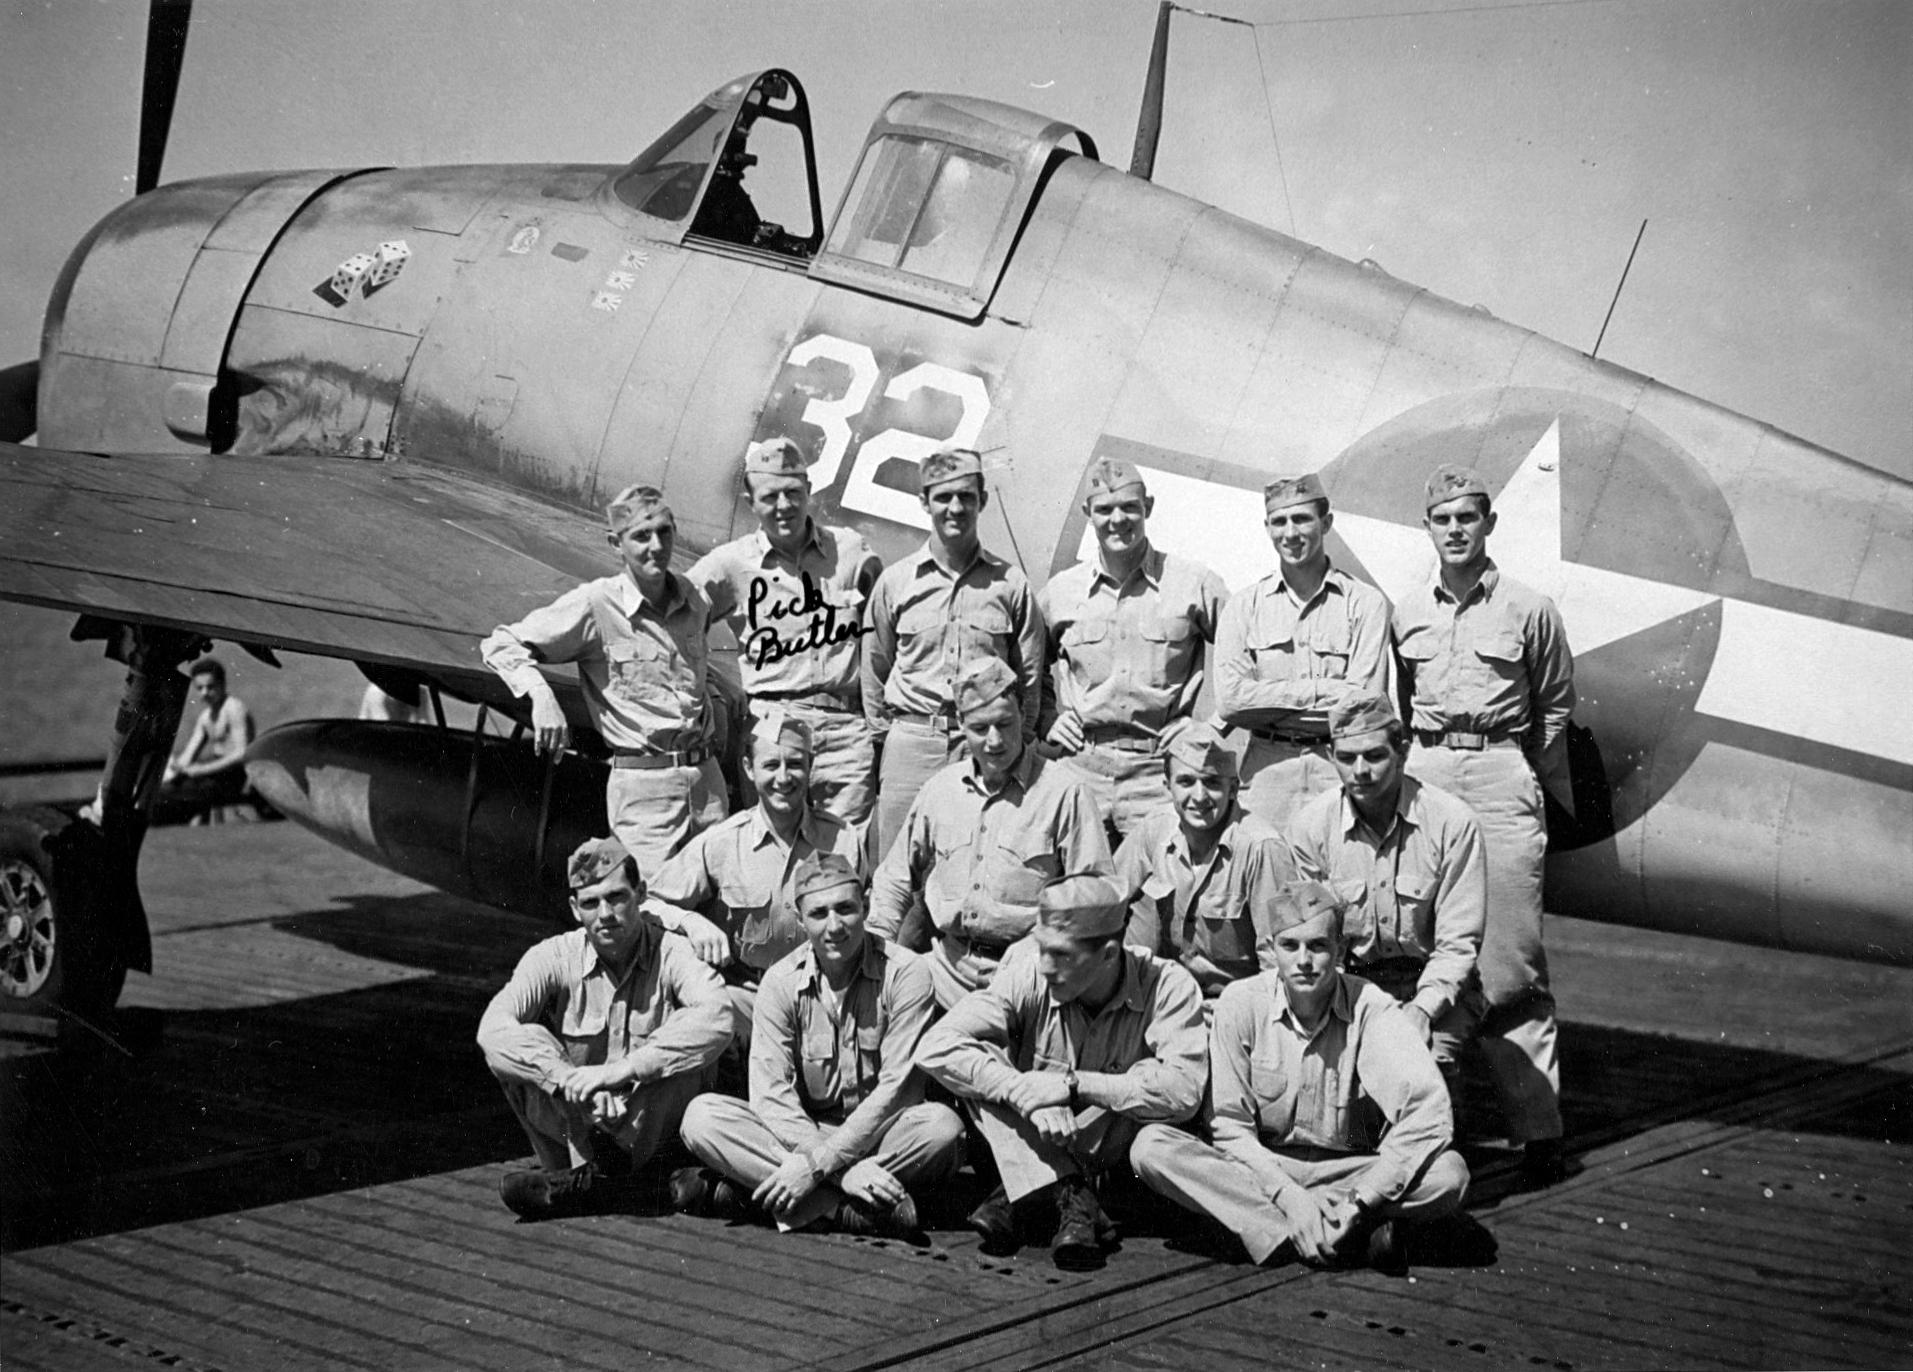 Grumman F6F 3 Hellcat VF 6 White 32 pilots onboard CV 11 USS Intrepid 1944 01